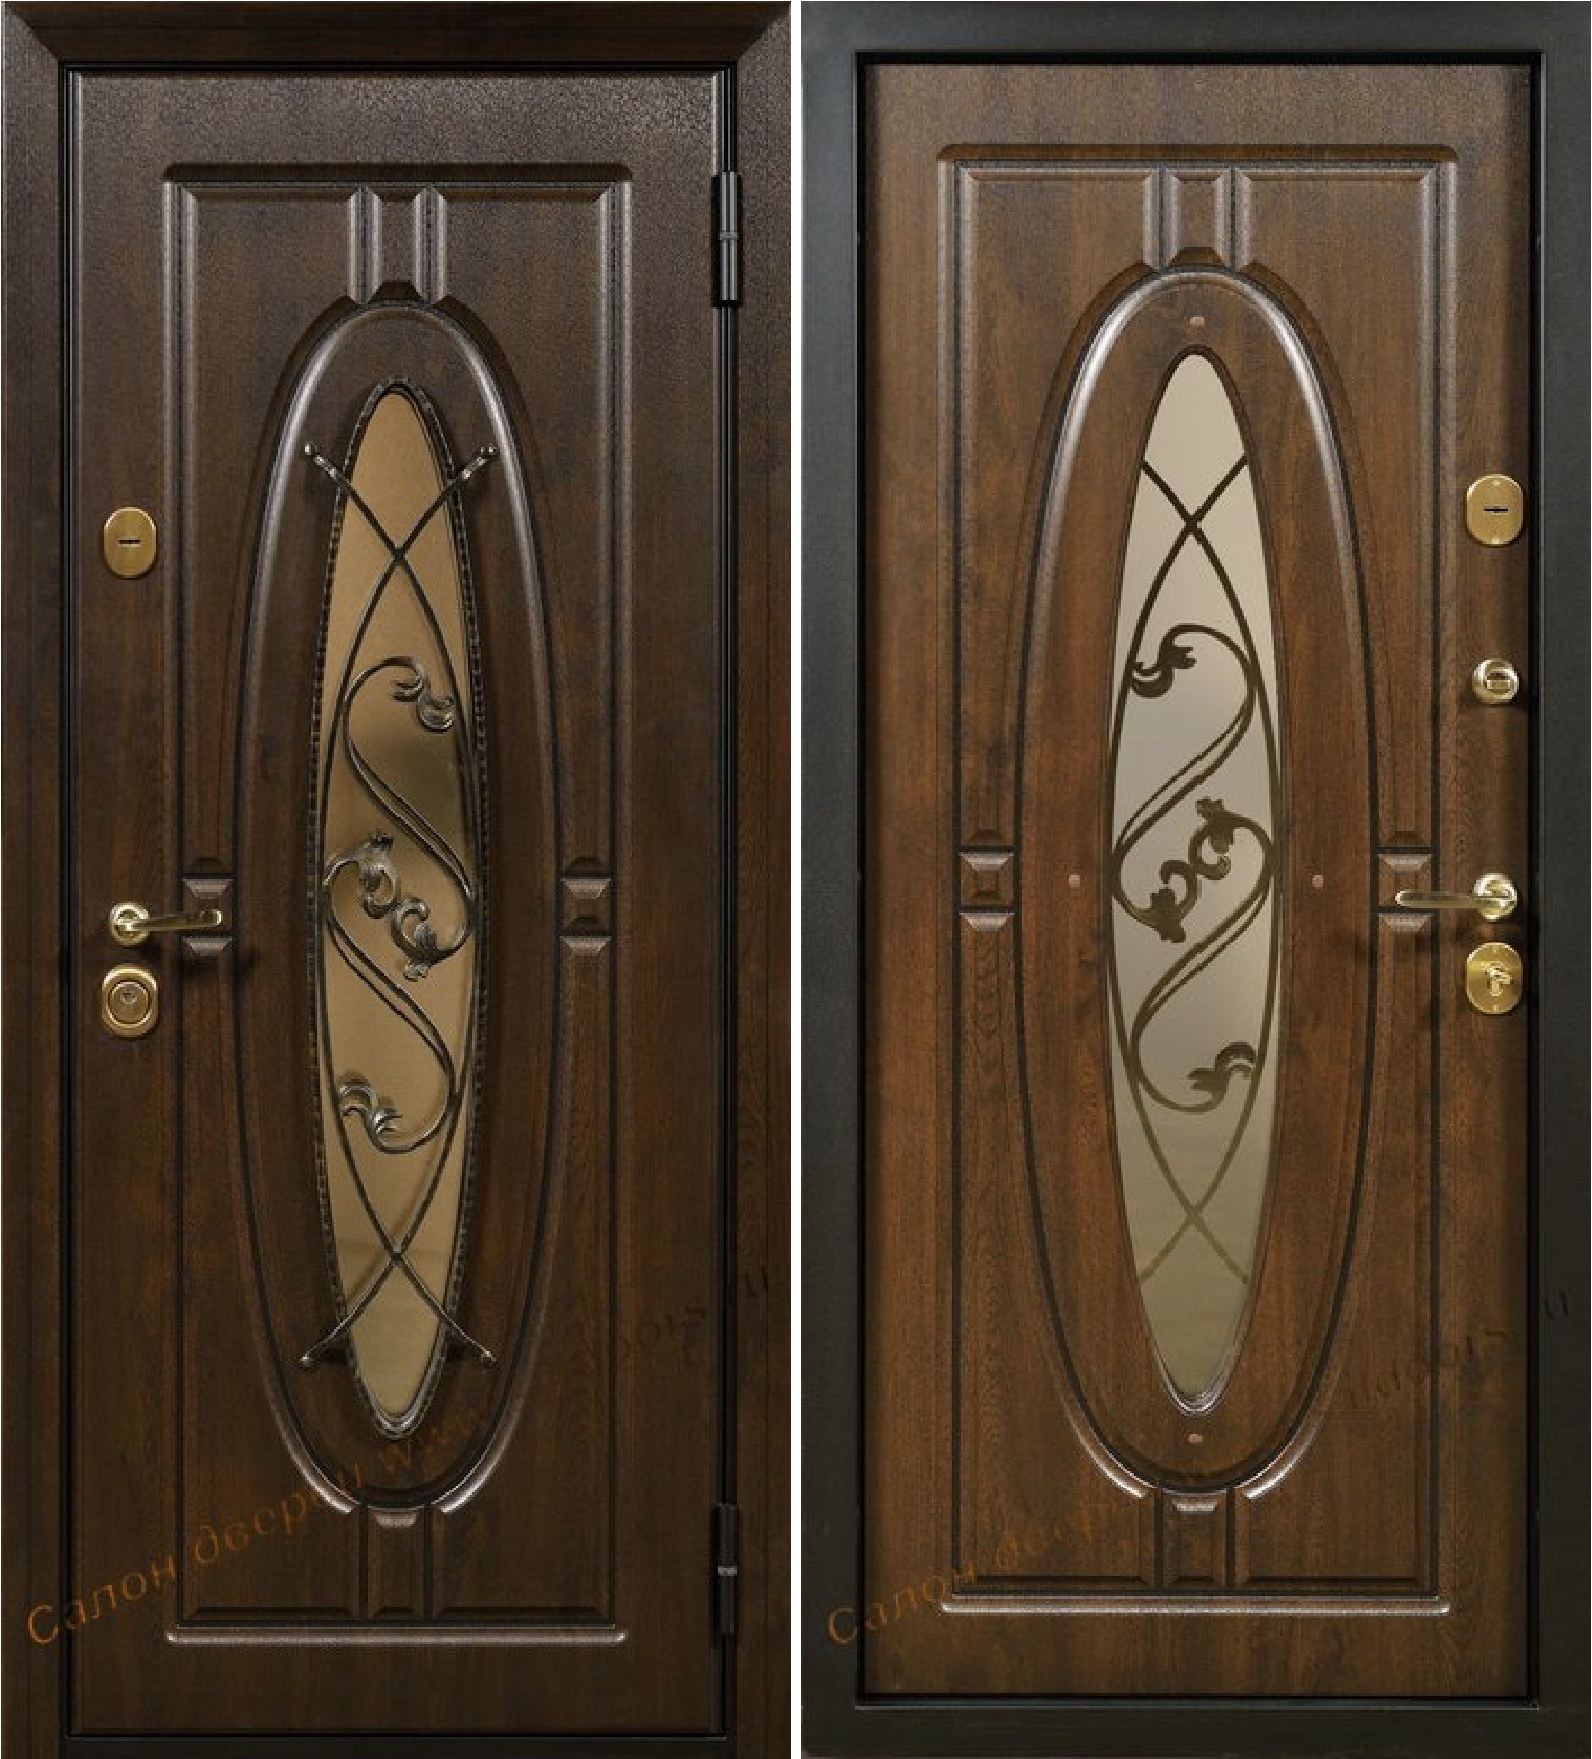 Замена разбитых стекол в дверях: Мастер по ремонту